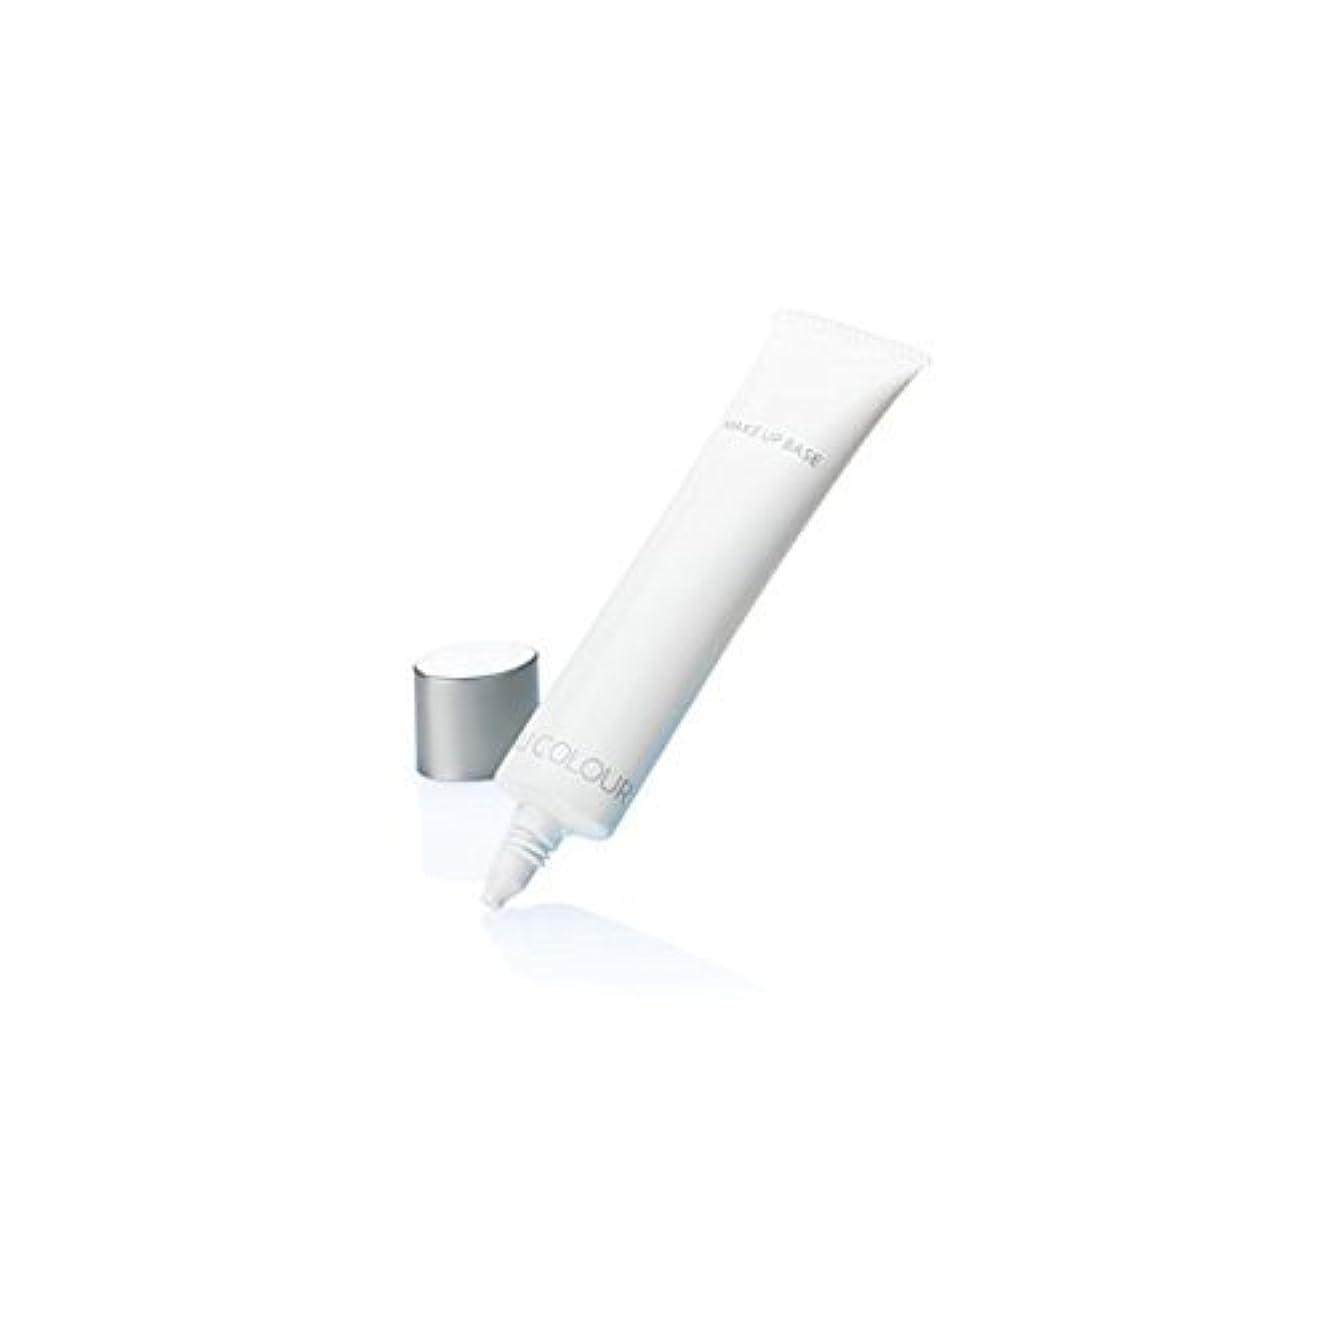 フォロー重要スペインニュースキン NU SKIN UV メイクアップ ベース SPF18?PA++ クリア 03160813